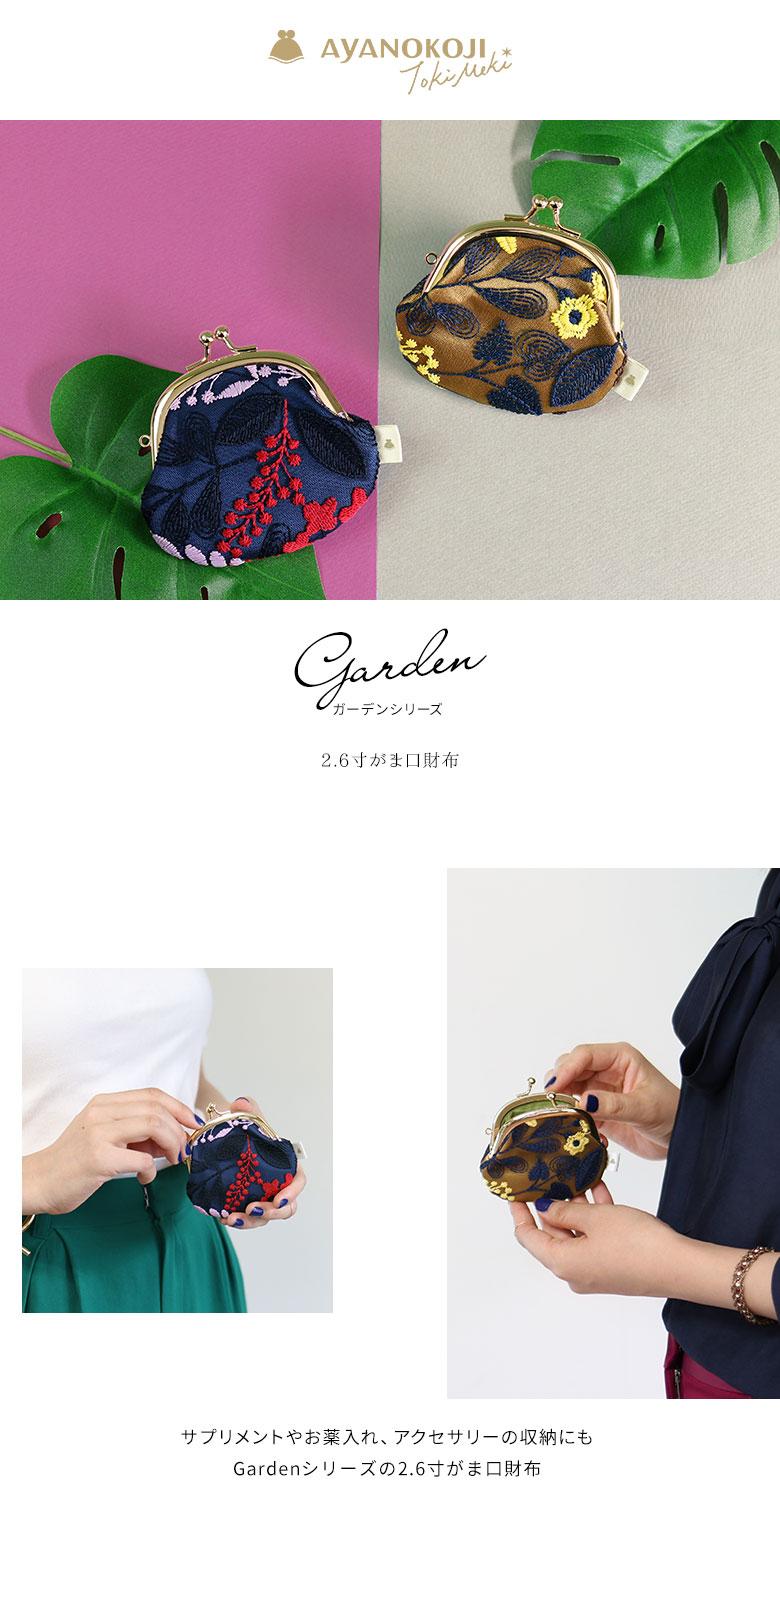 Garden ガーデンシリーズ サプリメントやお薬入れ、アクセサリーの収納にもGardenシリーズの2.6寸がま口財布